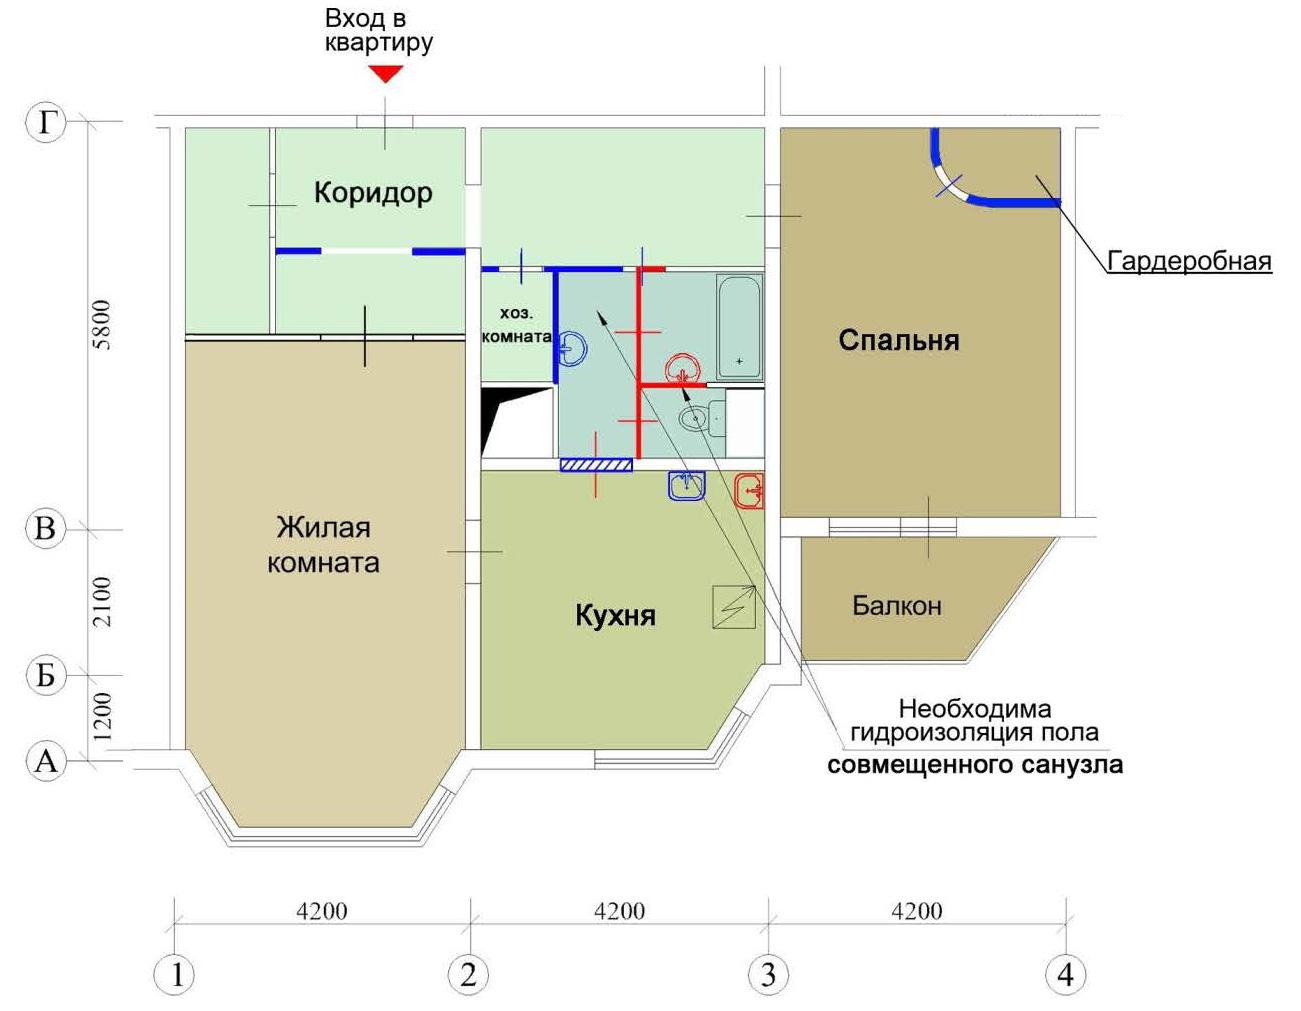 Примеры планировок и дизайна для п44-т25 форум жителей ювао .